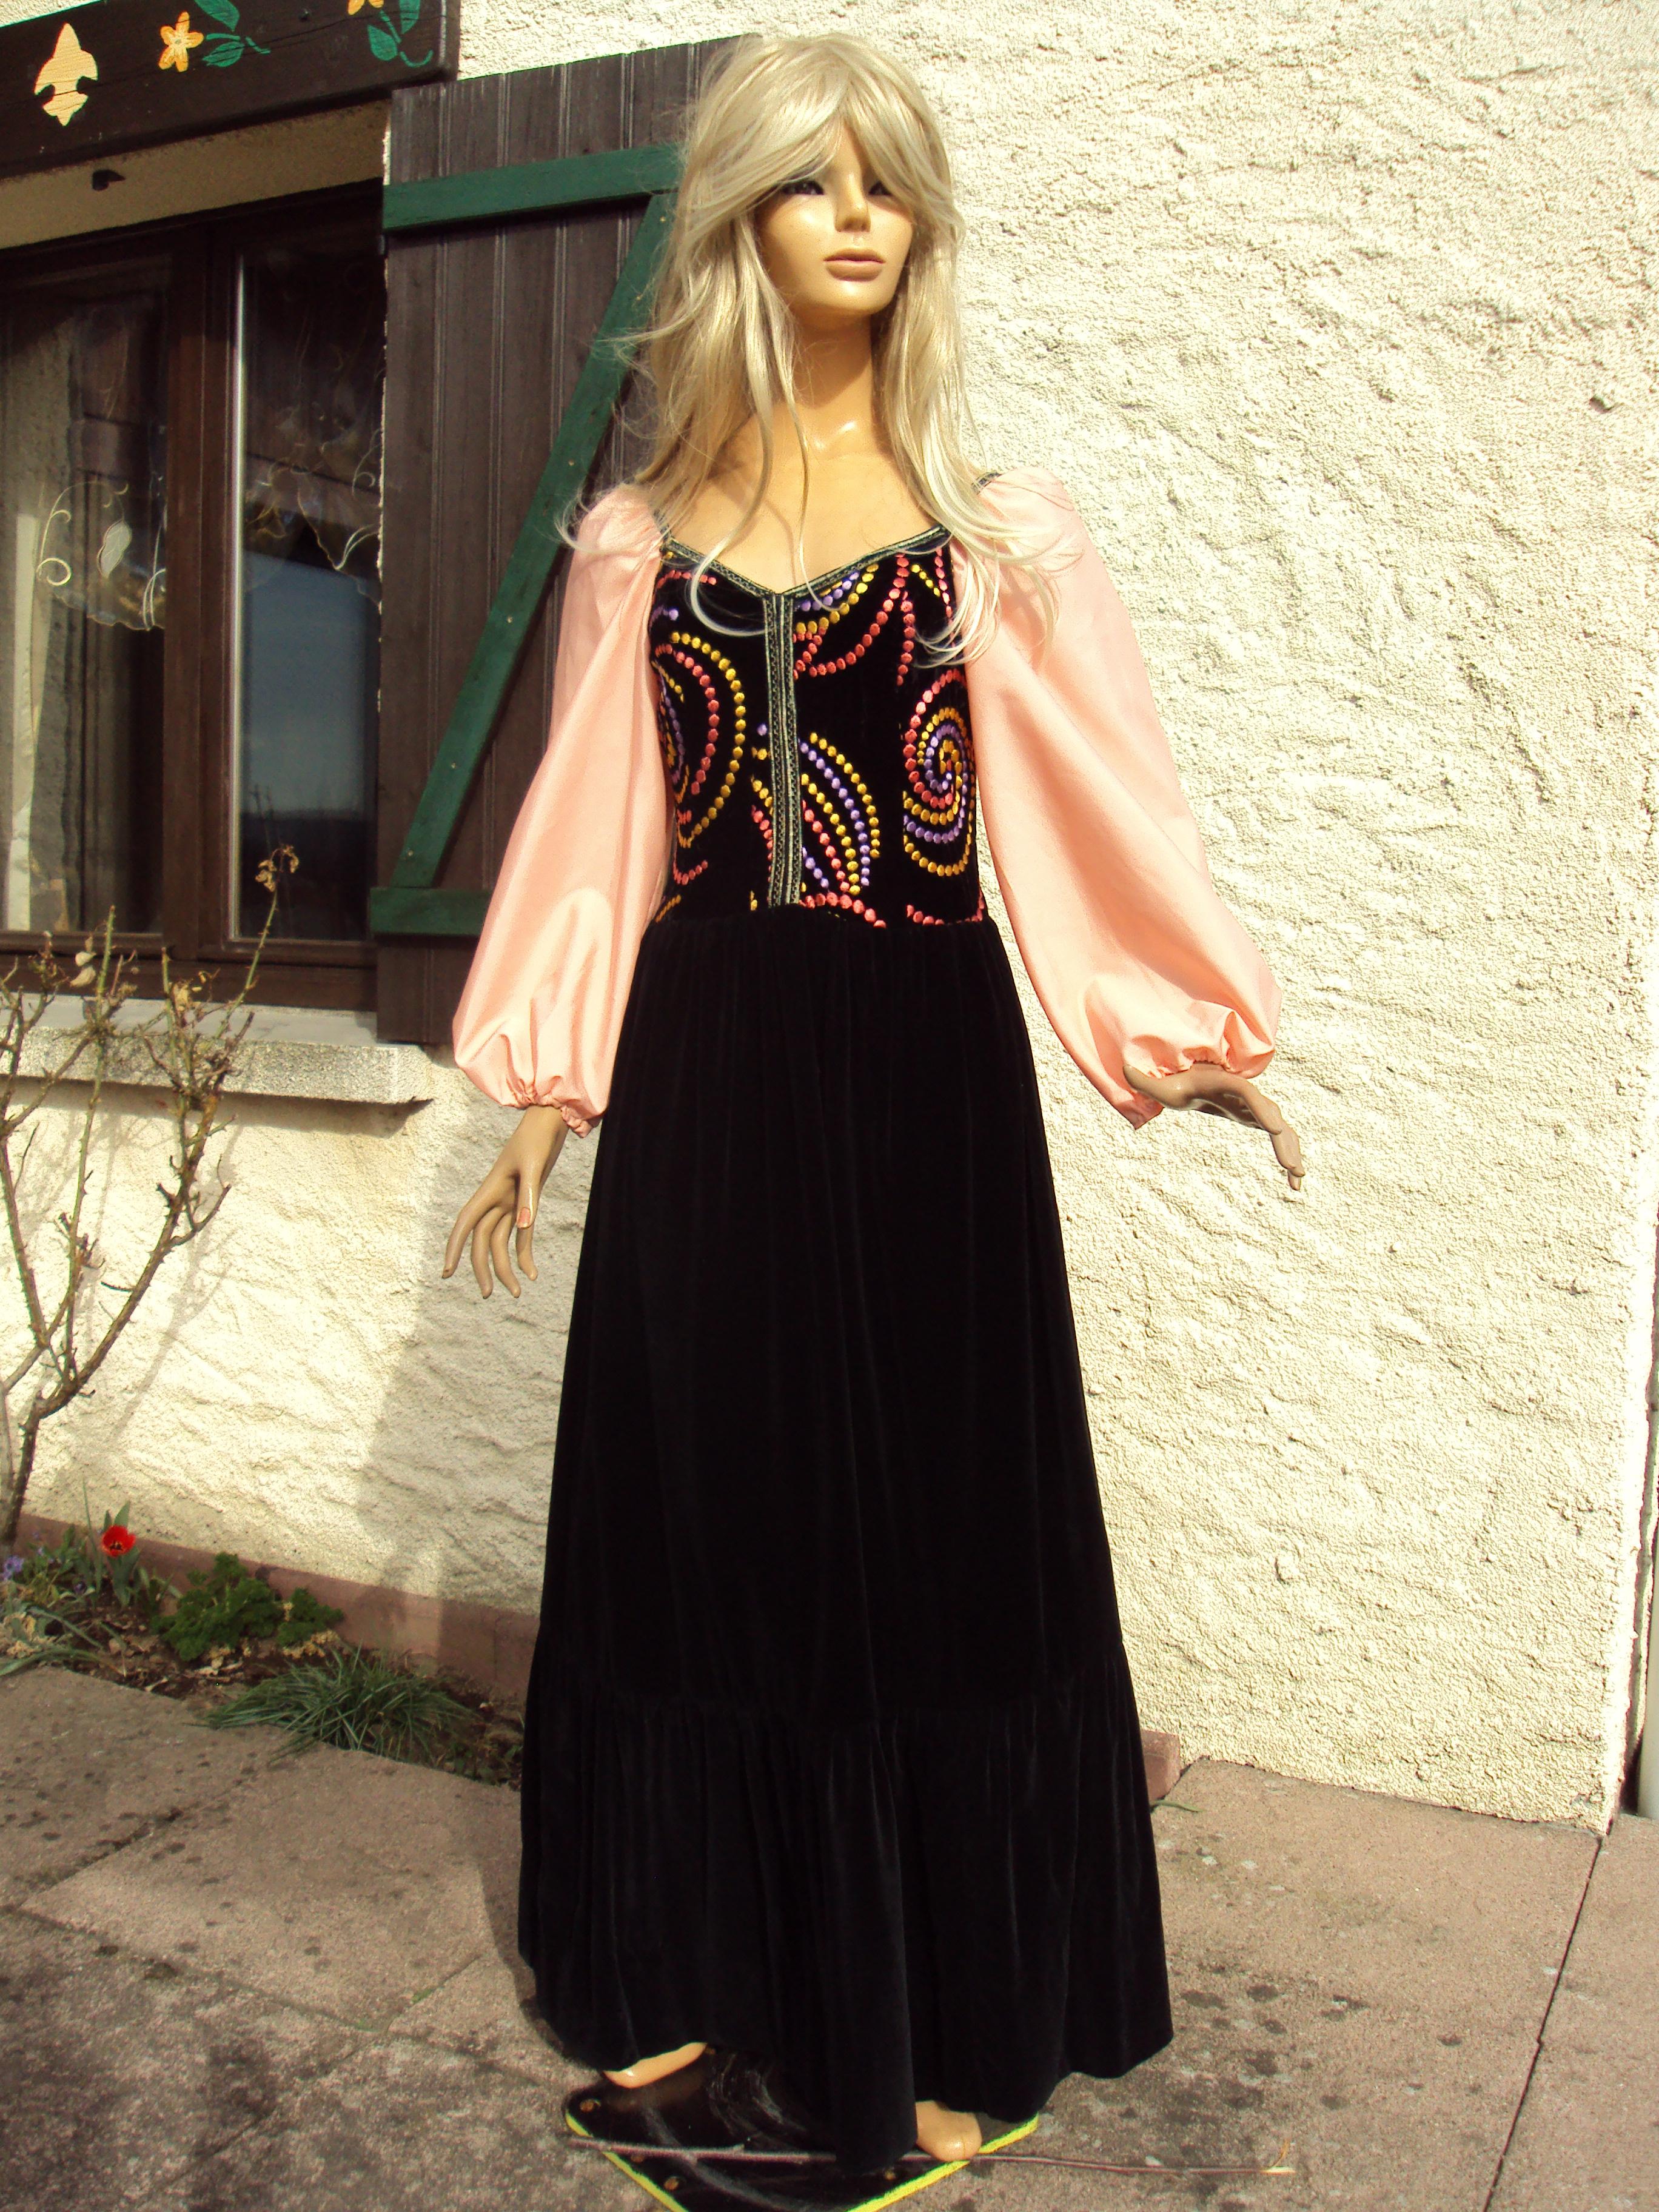 robe longue en velours noire et saumon chantal costumes. Black Bedroom Furniture Sets. Home Design Ideas